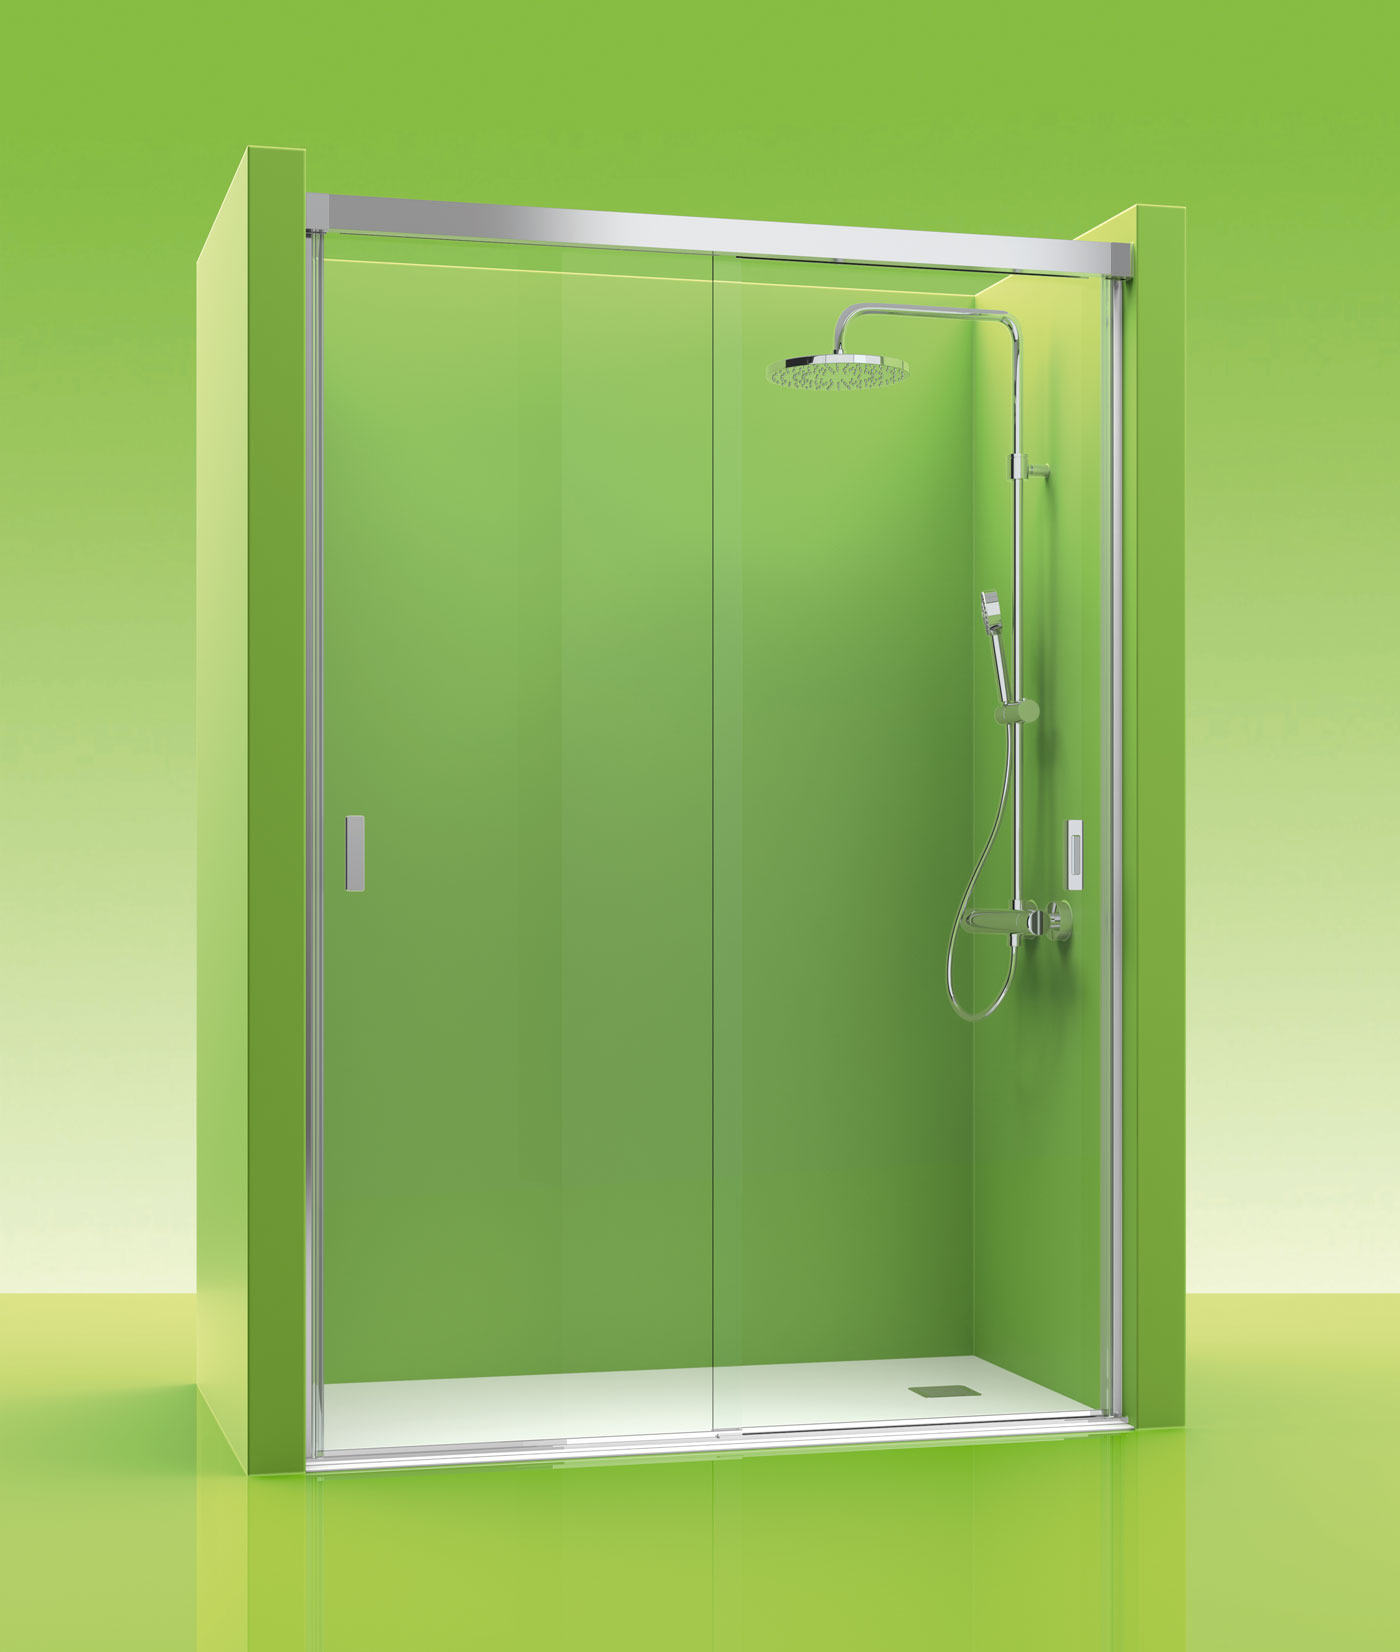 mampara de ducha castel double 100 tusmamparas valencia